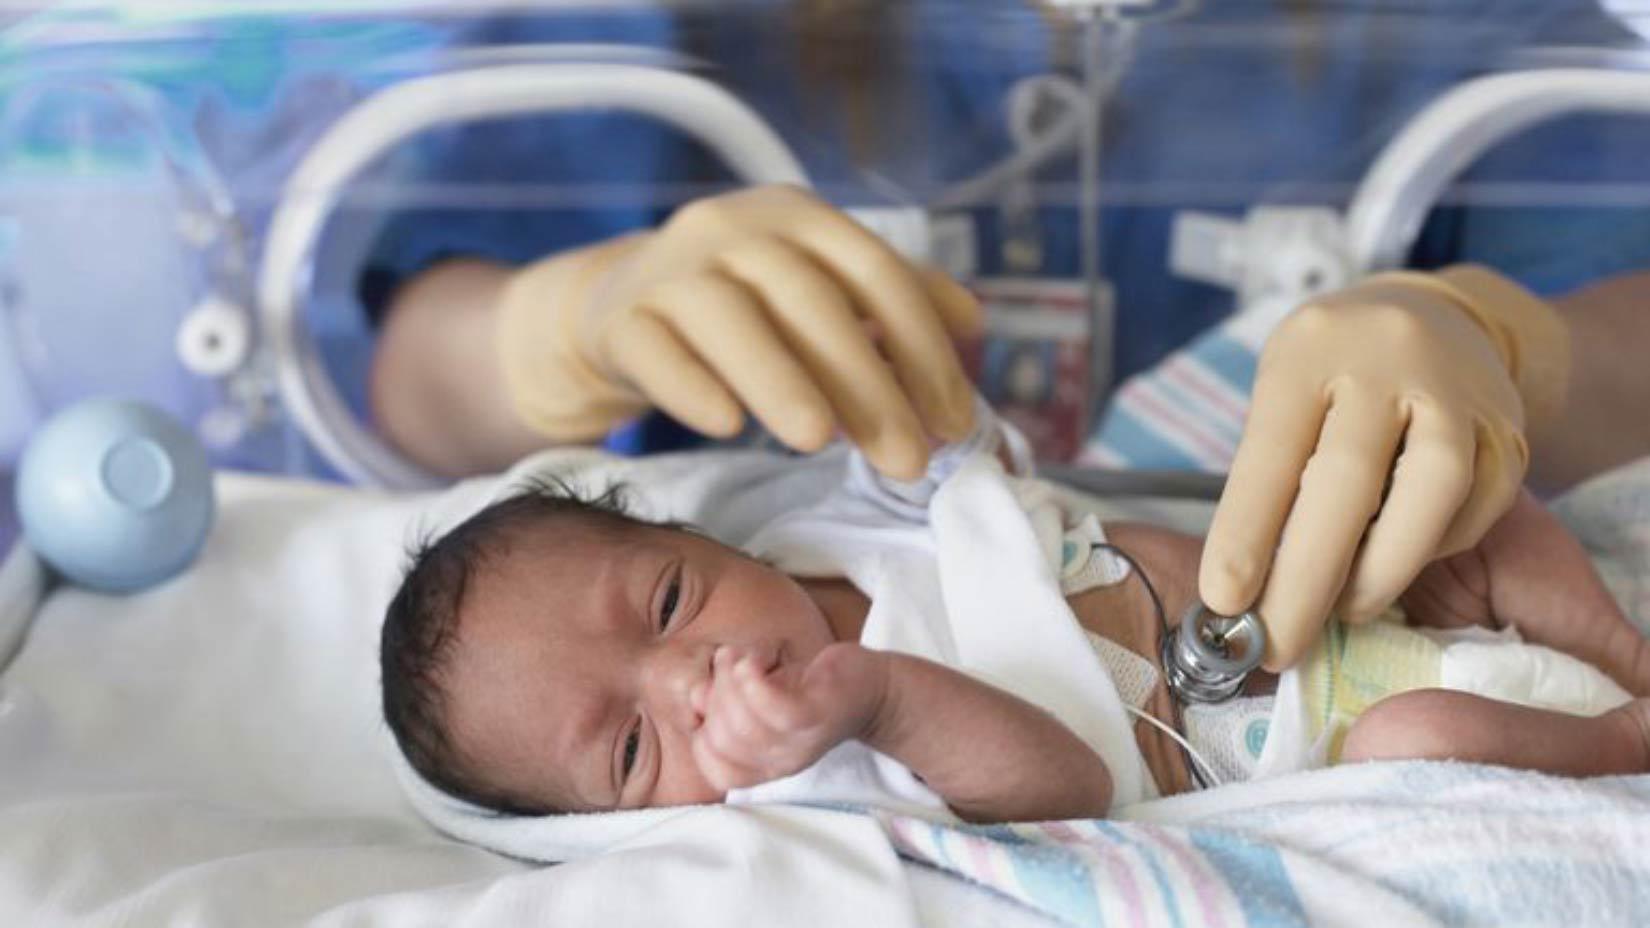 گاستروستومی برای تغذیه نوزادان نارس، Gastrostomy چیست؟